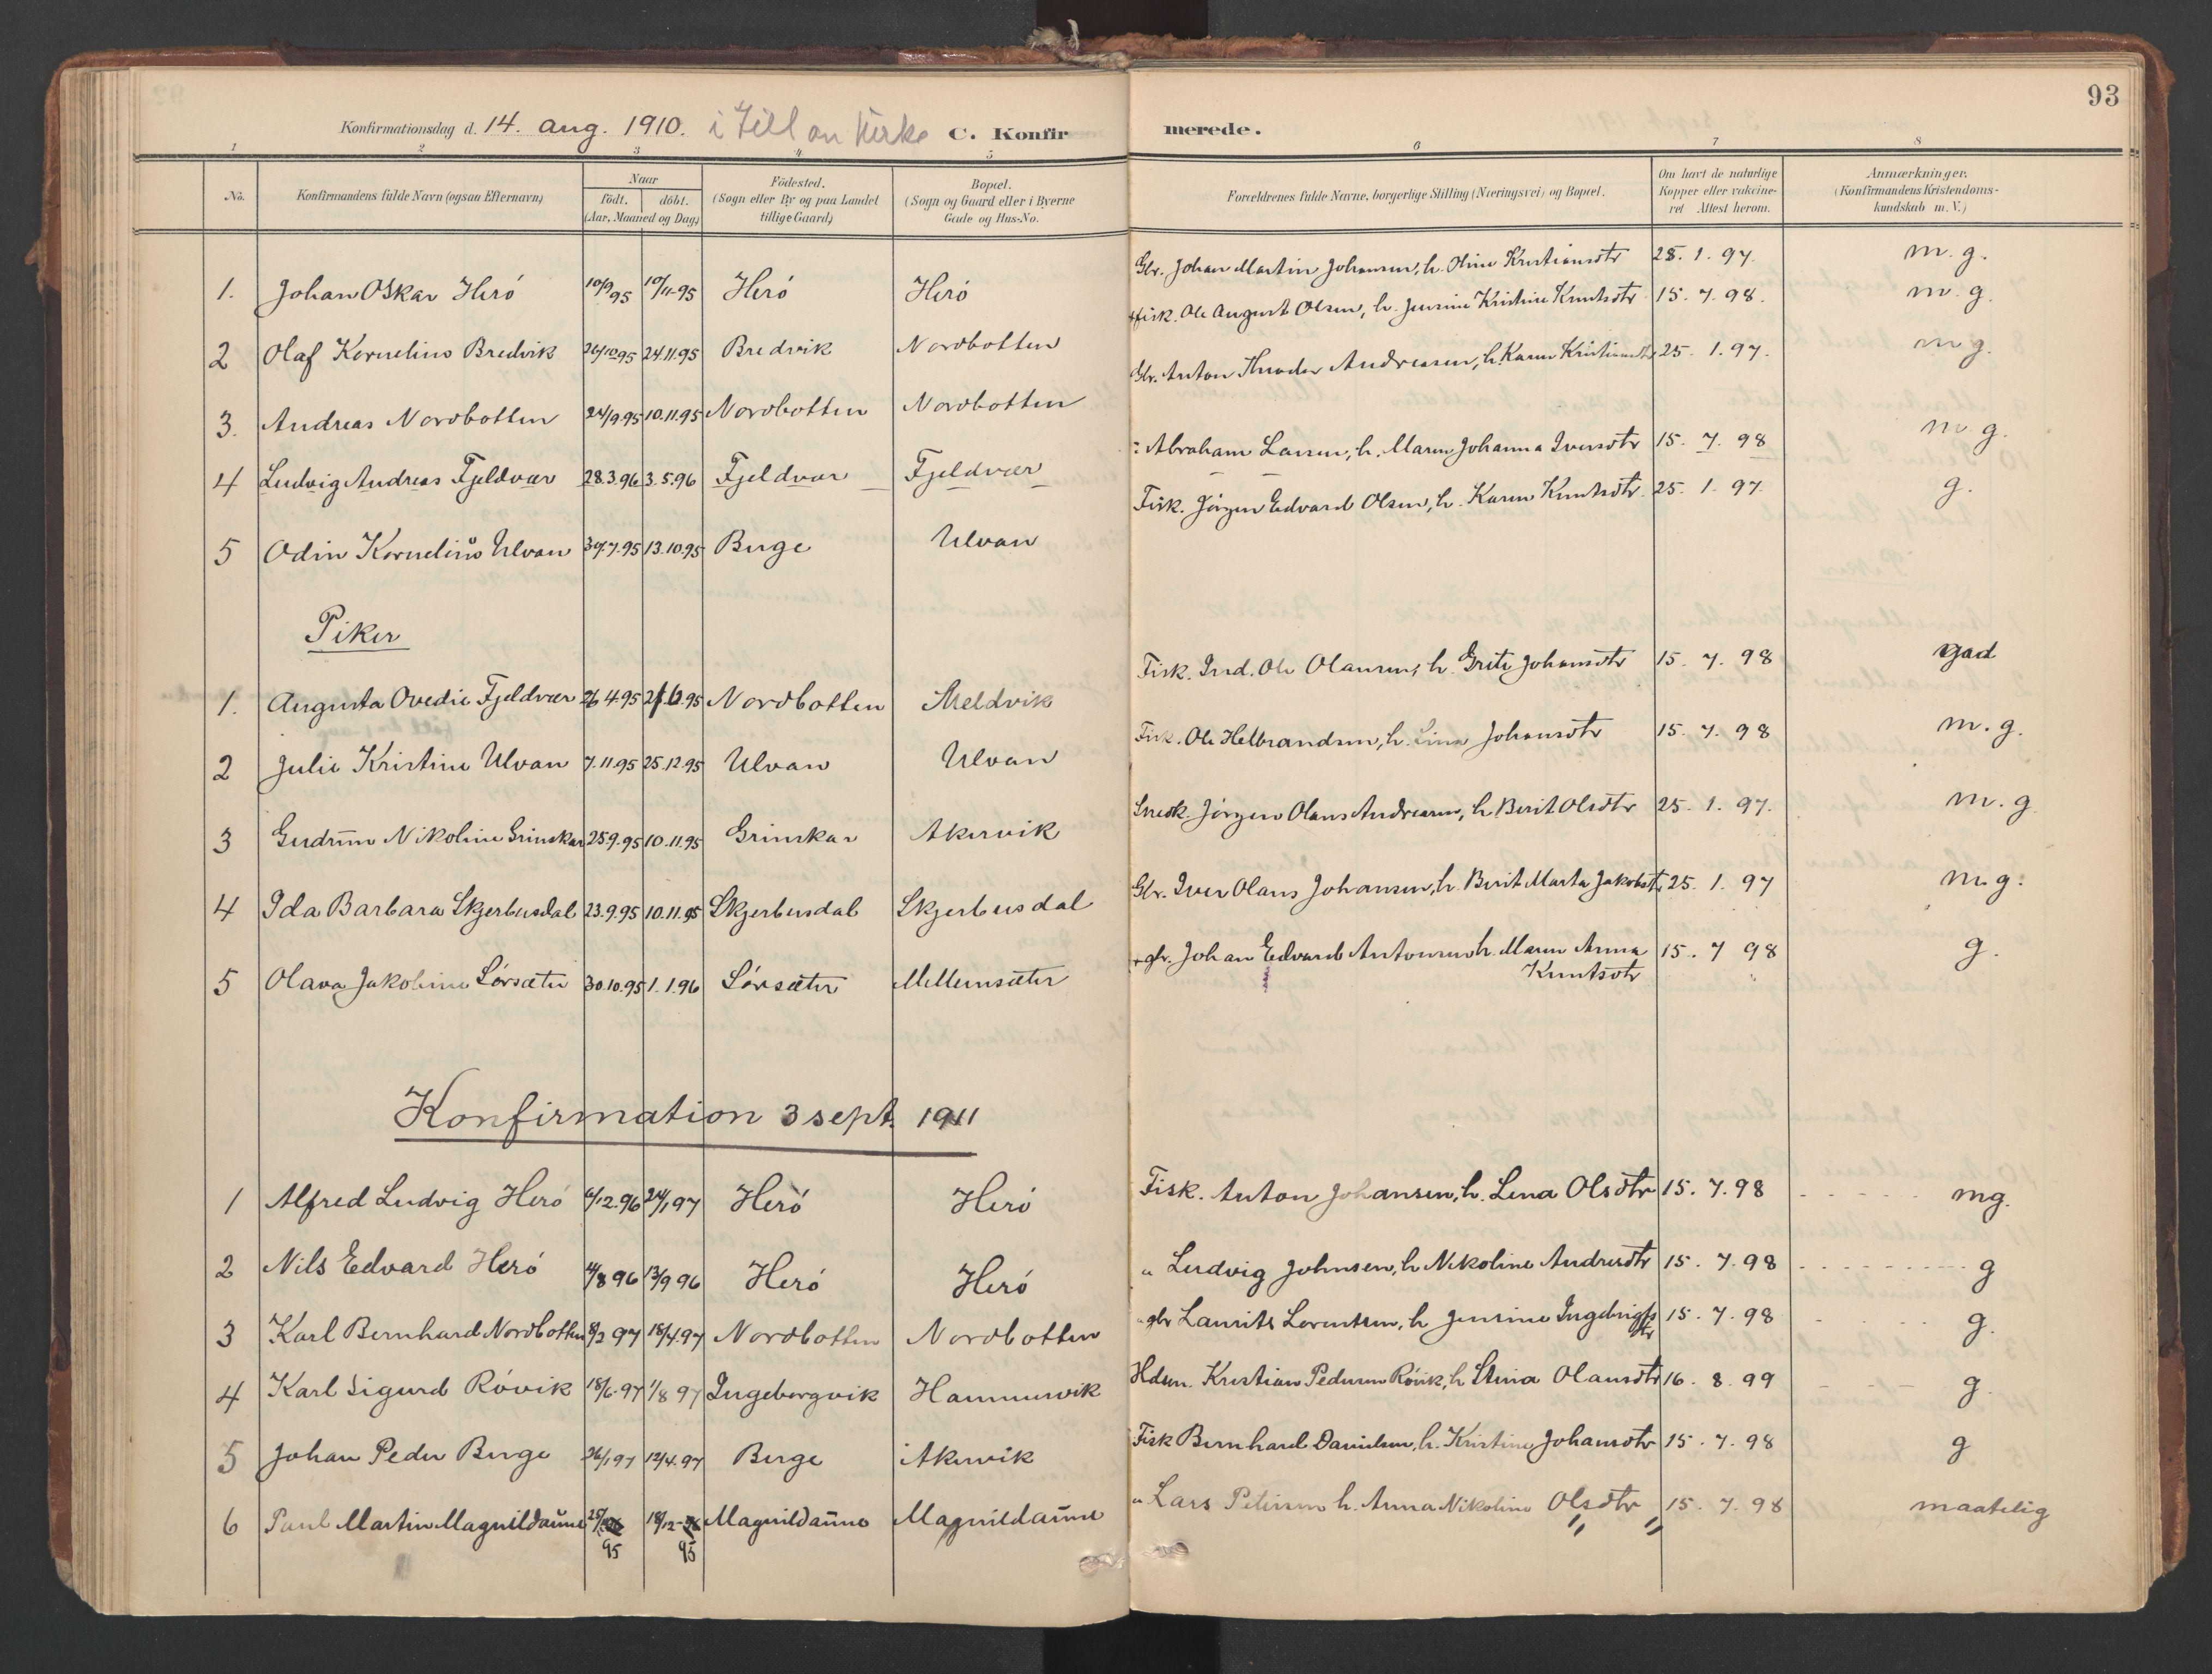 SAT, Ministerialprotokoller, klokkerbøker og fødselsregistre - Sør-Trøndelag, 638/L0568: Ministerialbok nr. 638A01, 1901-1916, s. 93